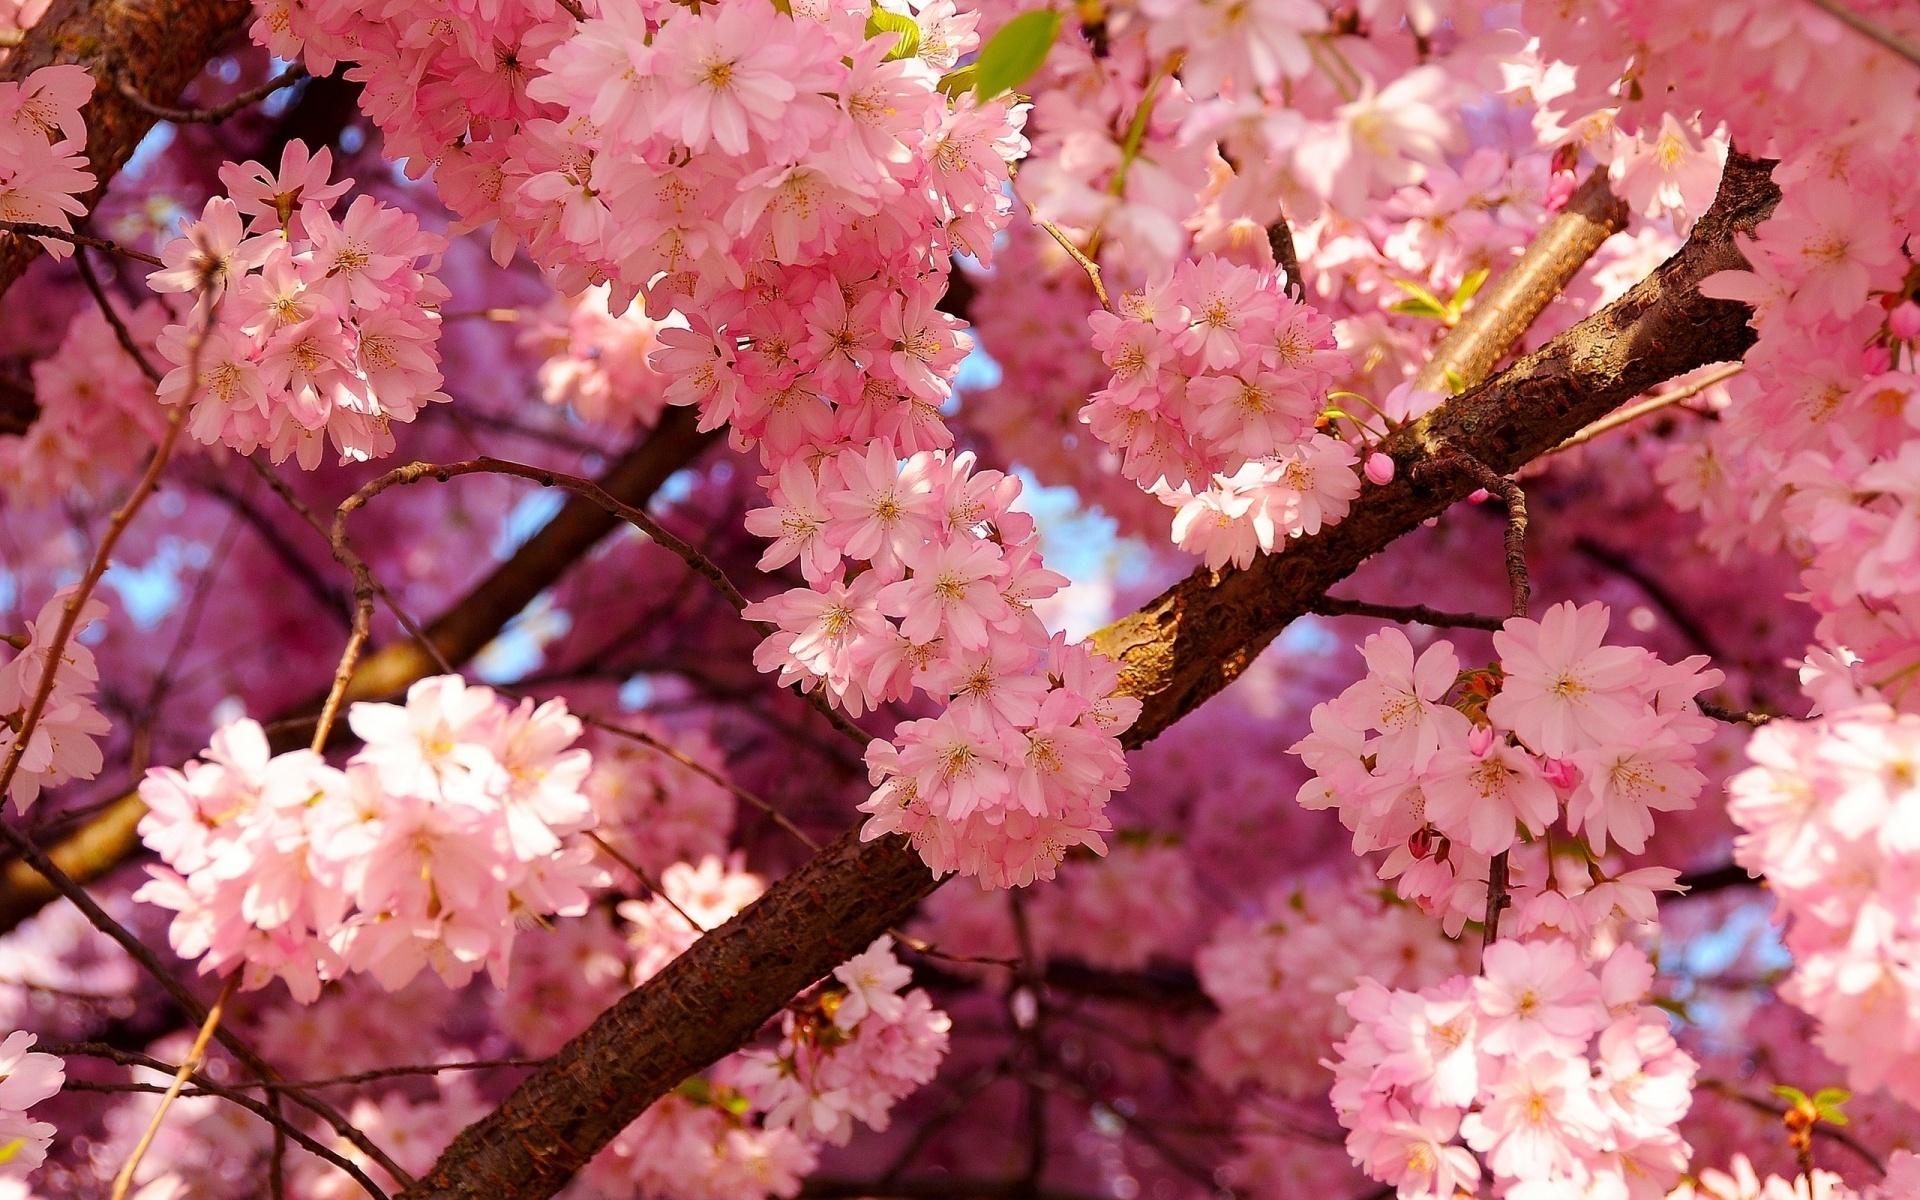 Картинка на рабочий стол природа цветы, открытка